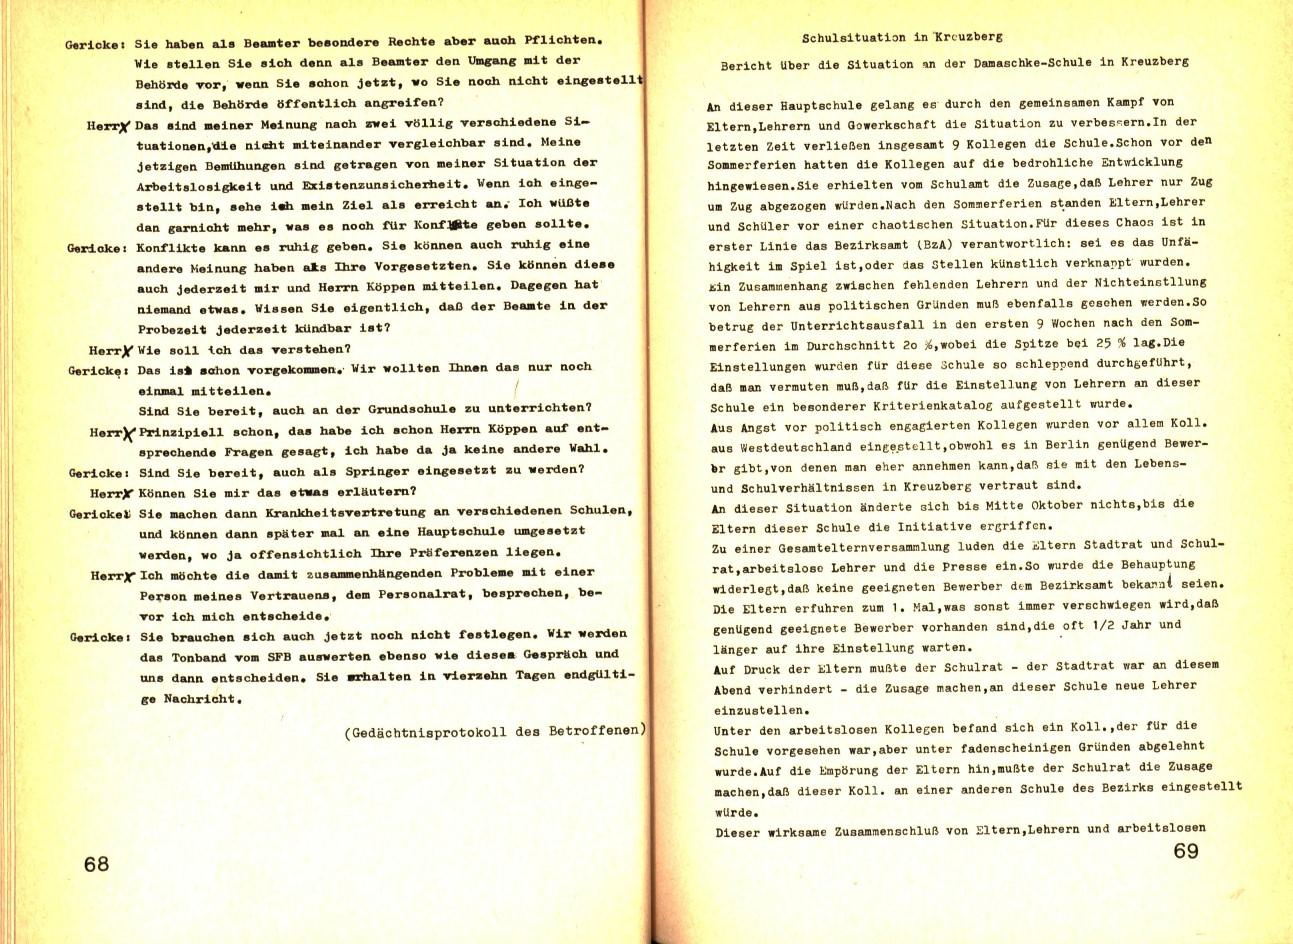 Berlin_VDS_Aktionskomitee_1976_BerufsverboteIII_36